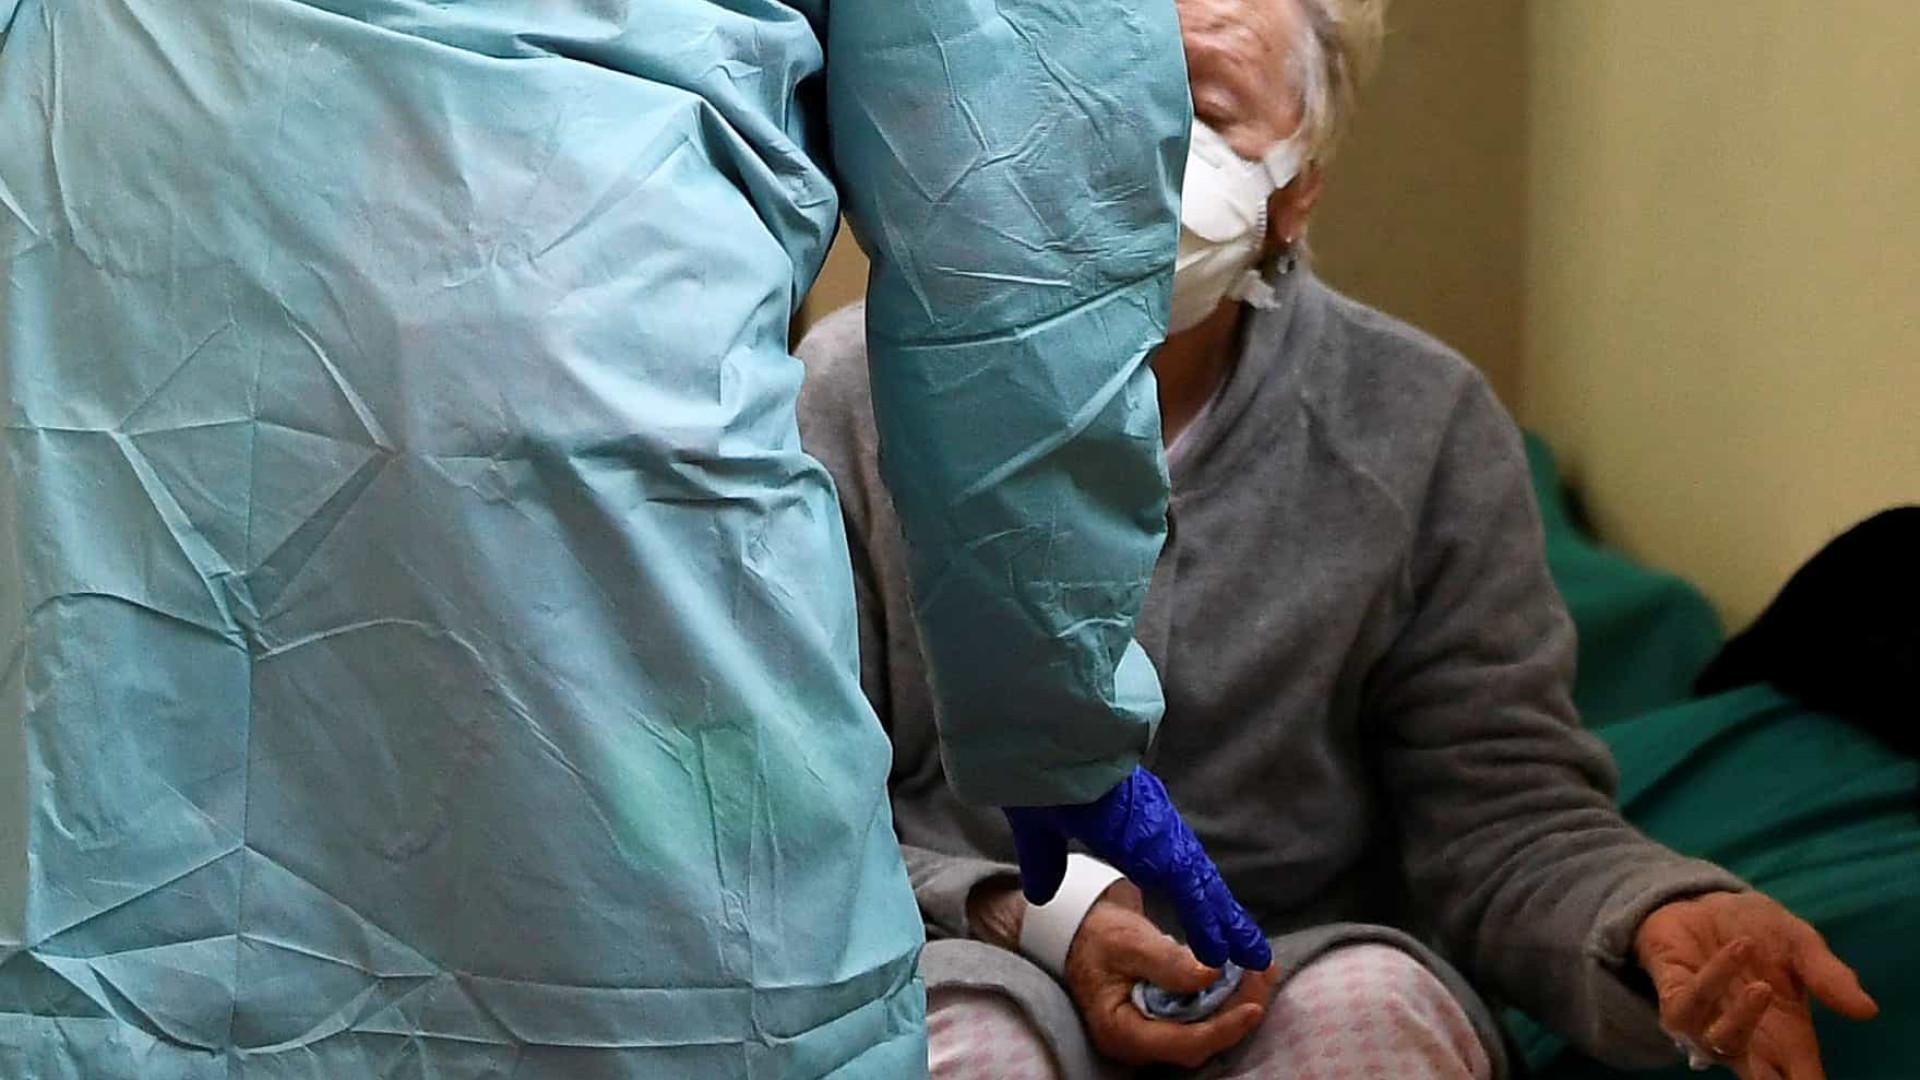 Brasil teria 11 vezes mais casos de coronavírus do que o registrado